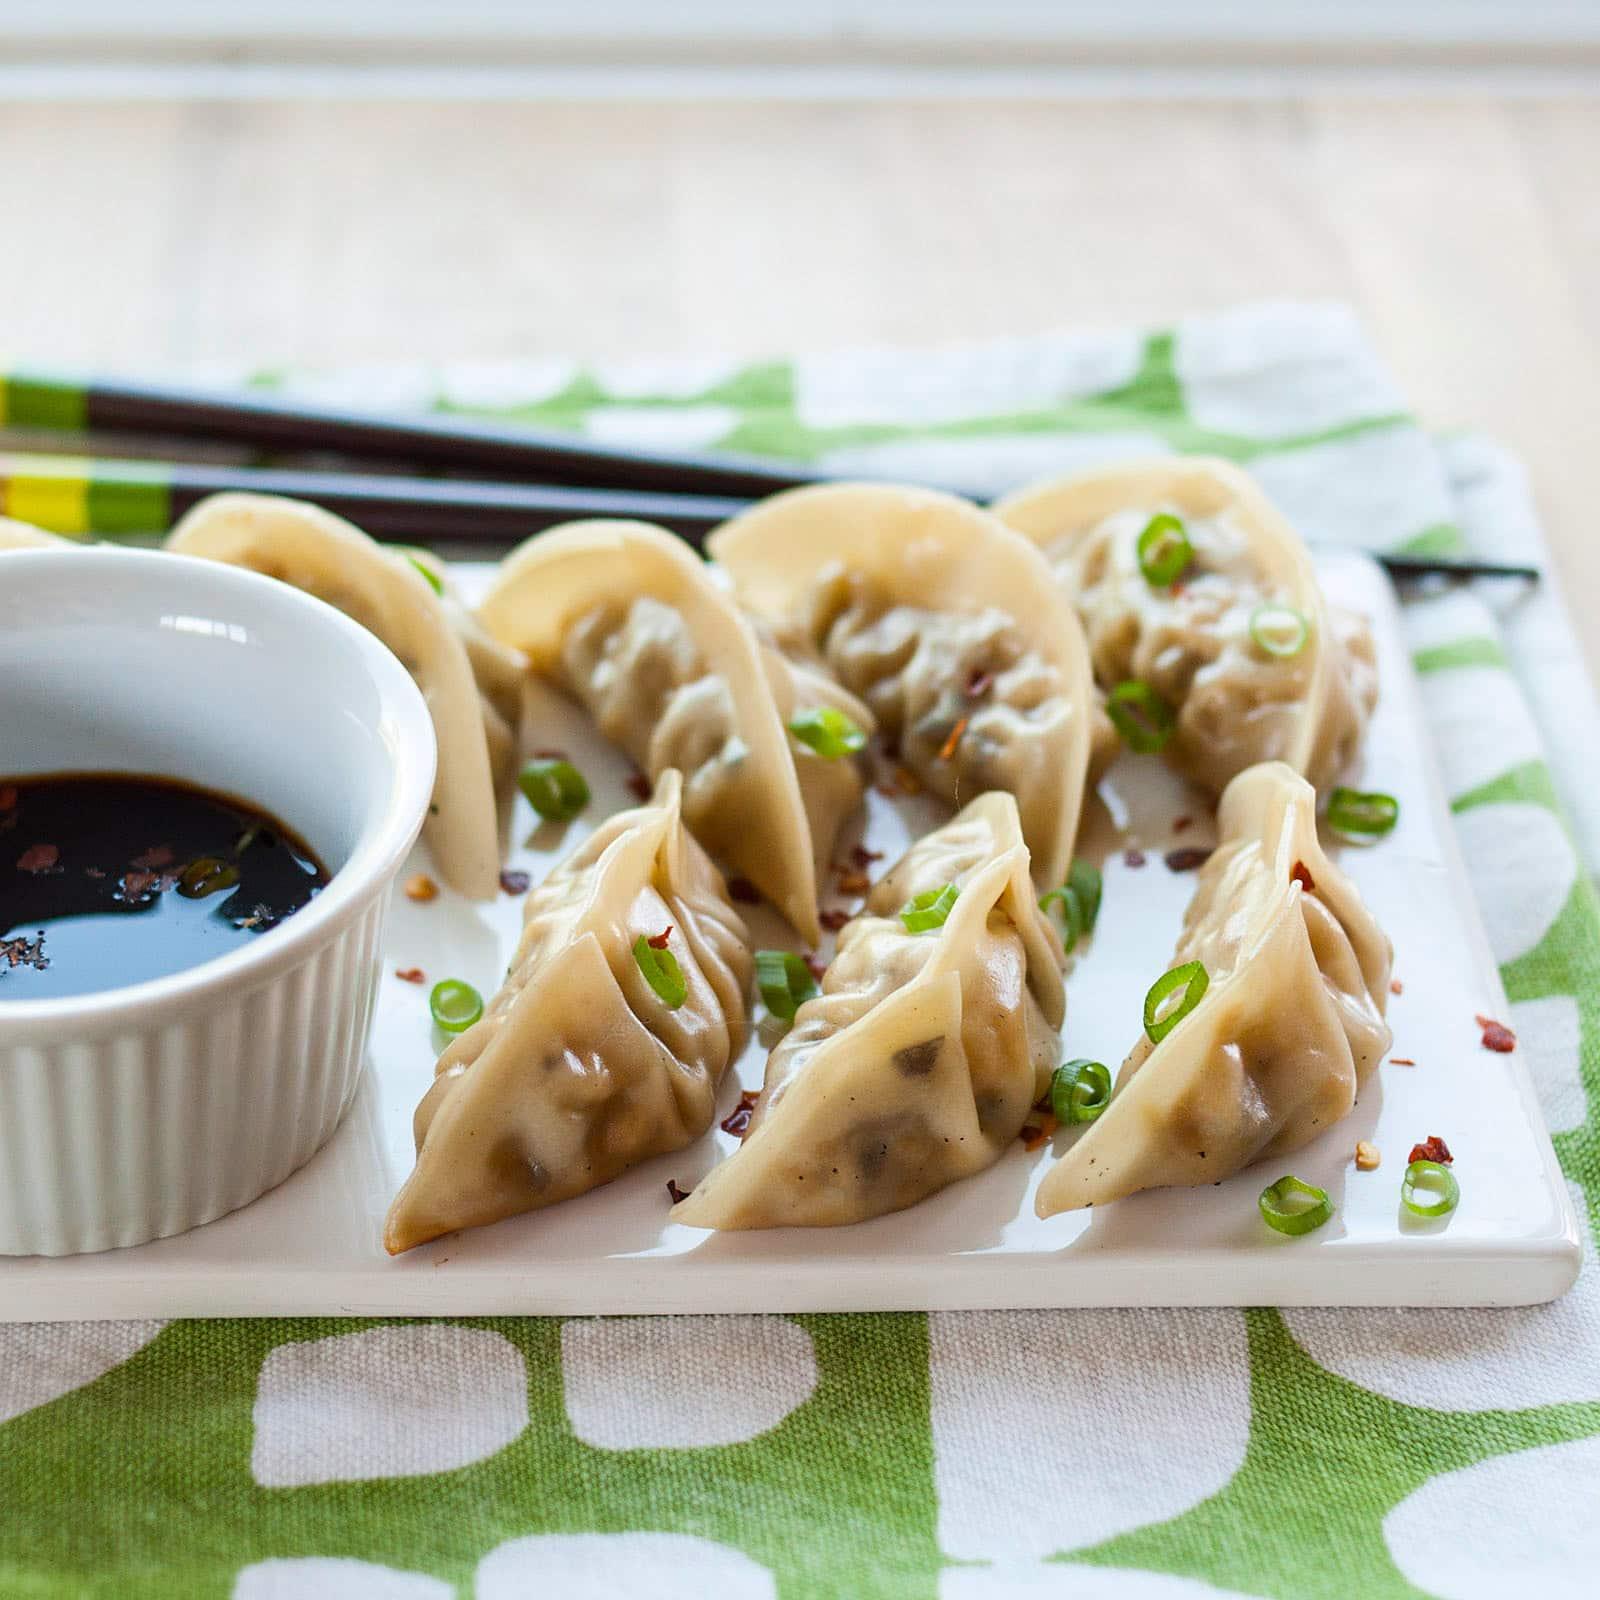 Make-Ahead & Freeze Recipe: Shiitake Mushroom & Tofu Potstickers